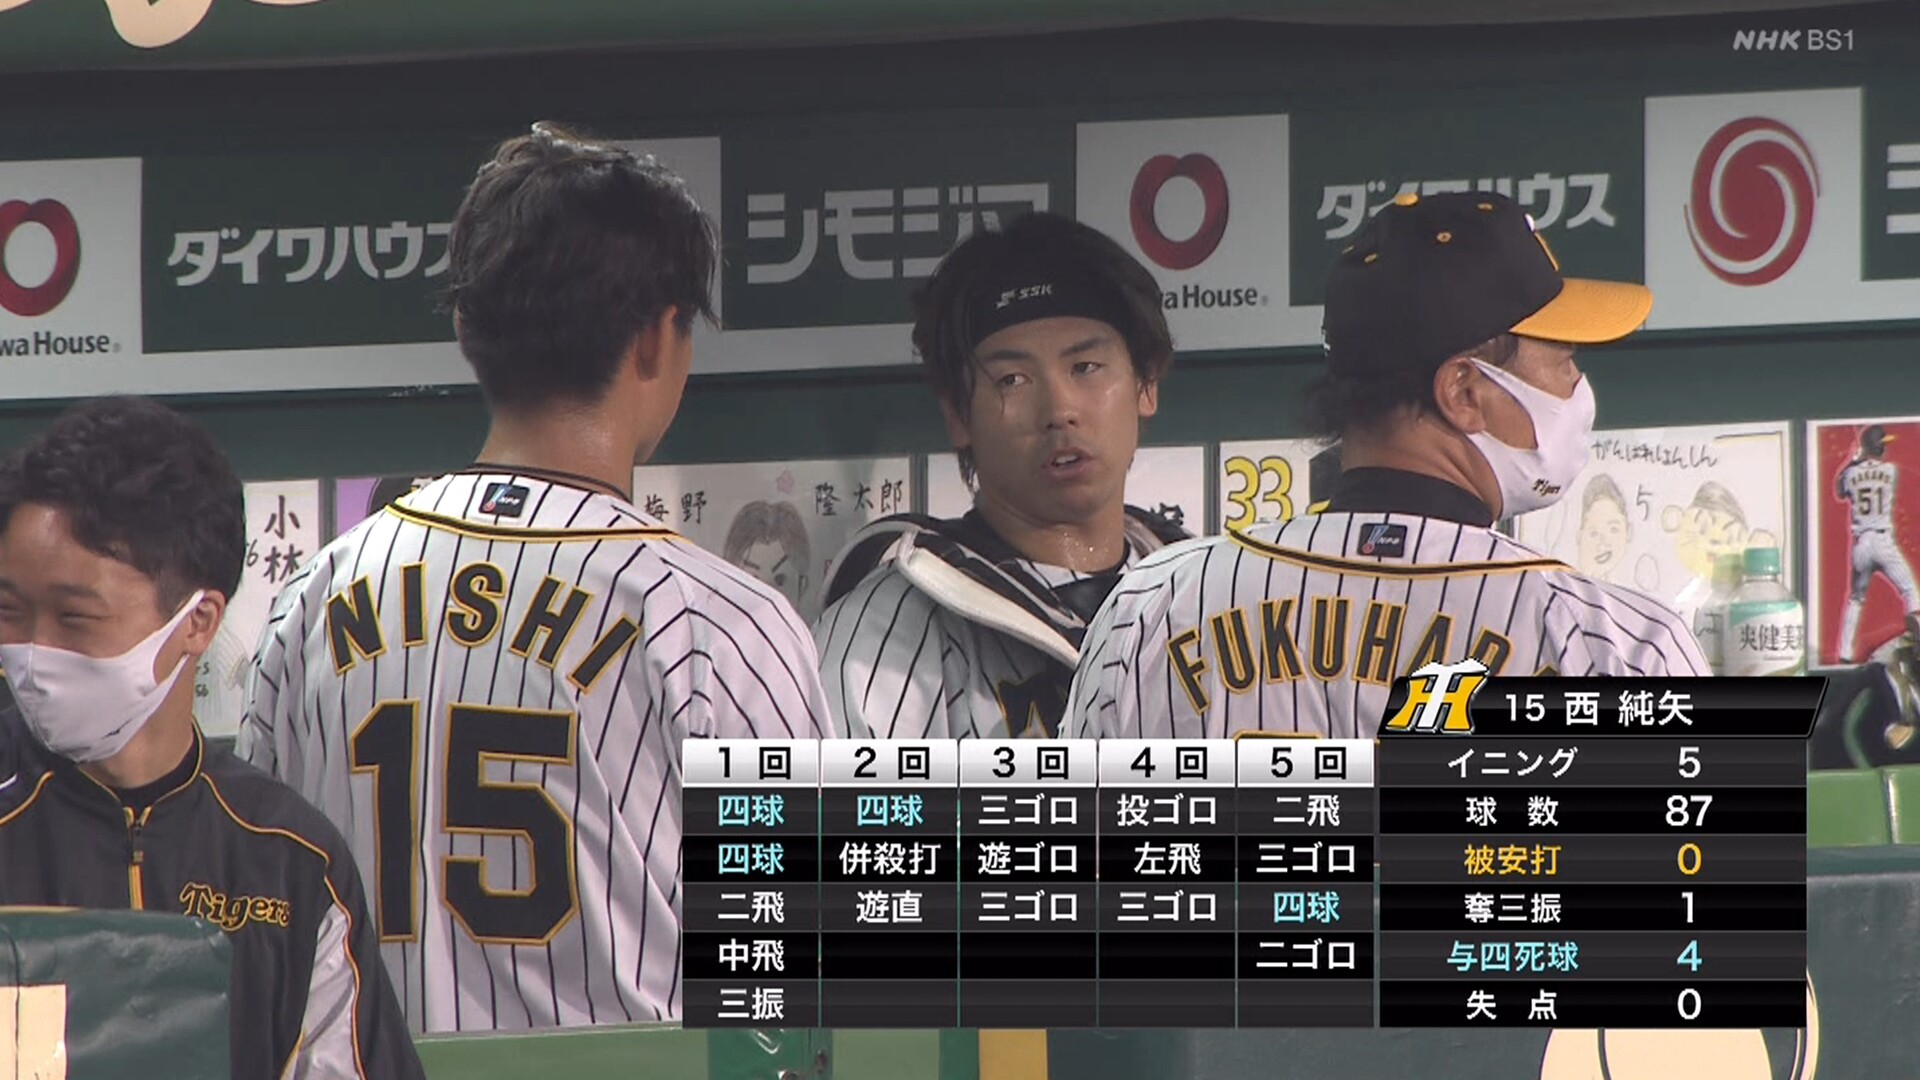 阪神・西純矢、5回までノーヒットノーランのまま降板